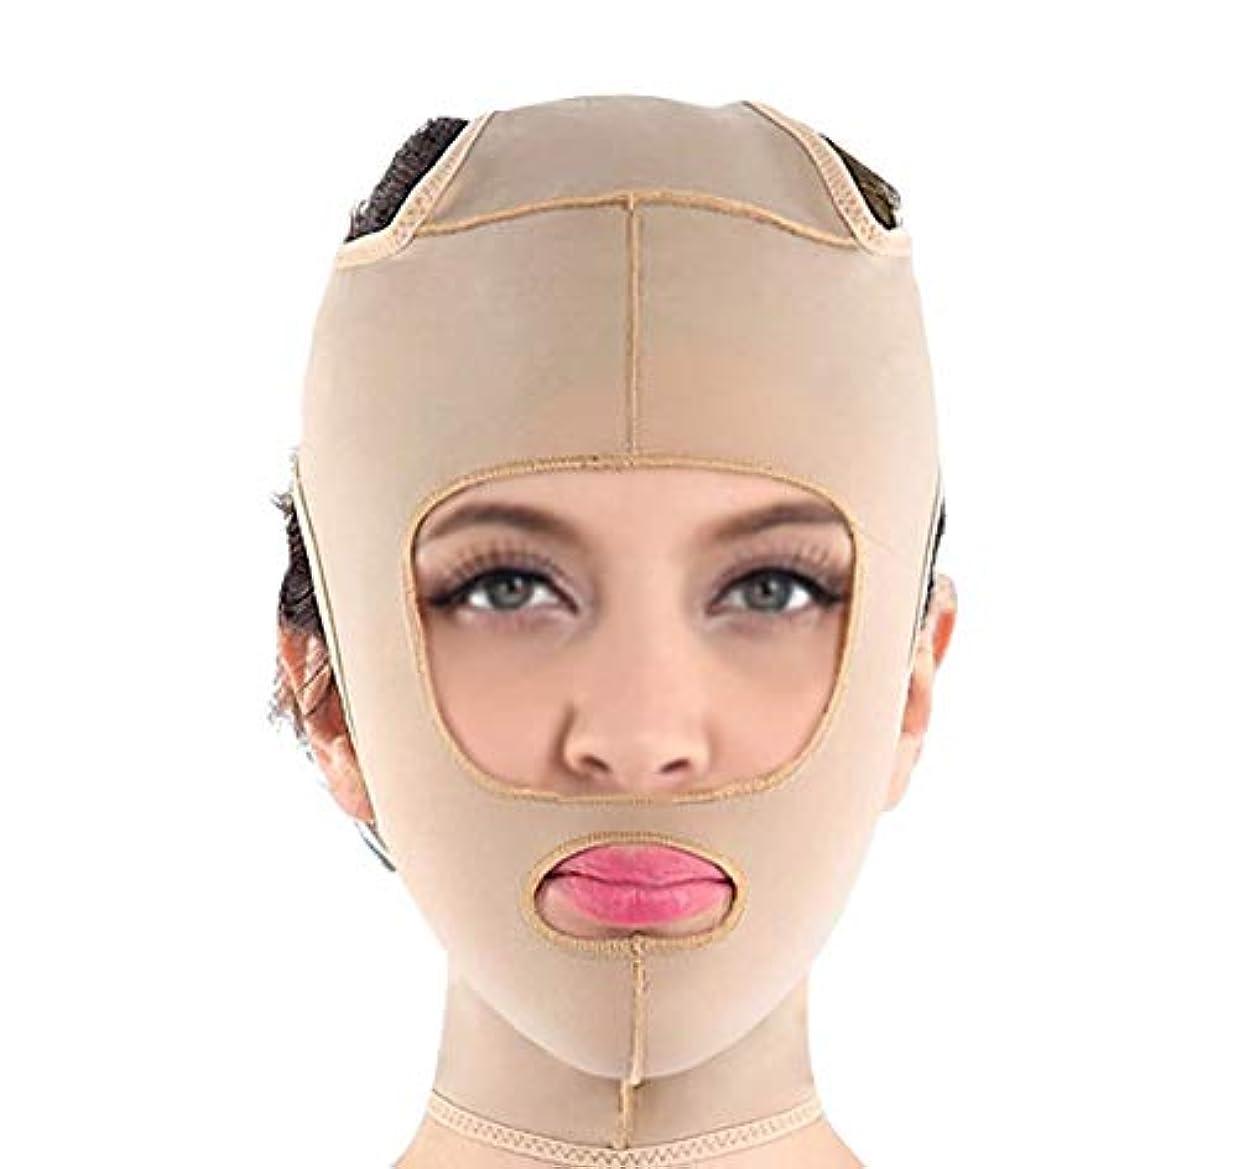 共和国副直感フェイスリフティングマスクで肌をしっかりと保ち、顔の筋肉の垂れ下がりや顔の美しい輪郭の整形を防止します(サイズ:Xl),S